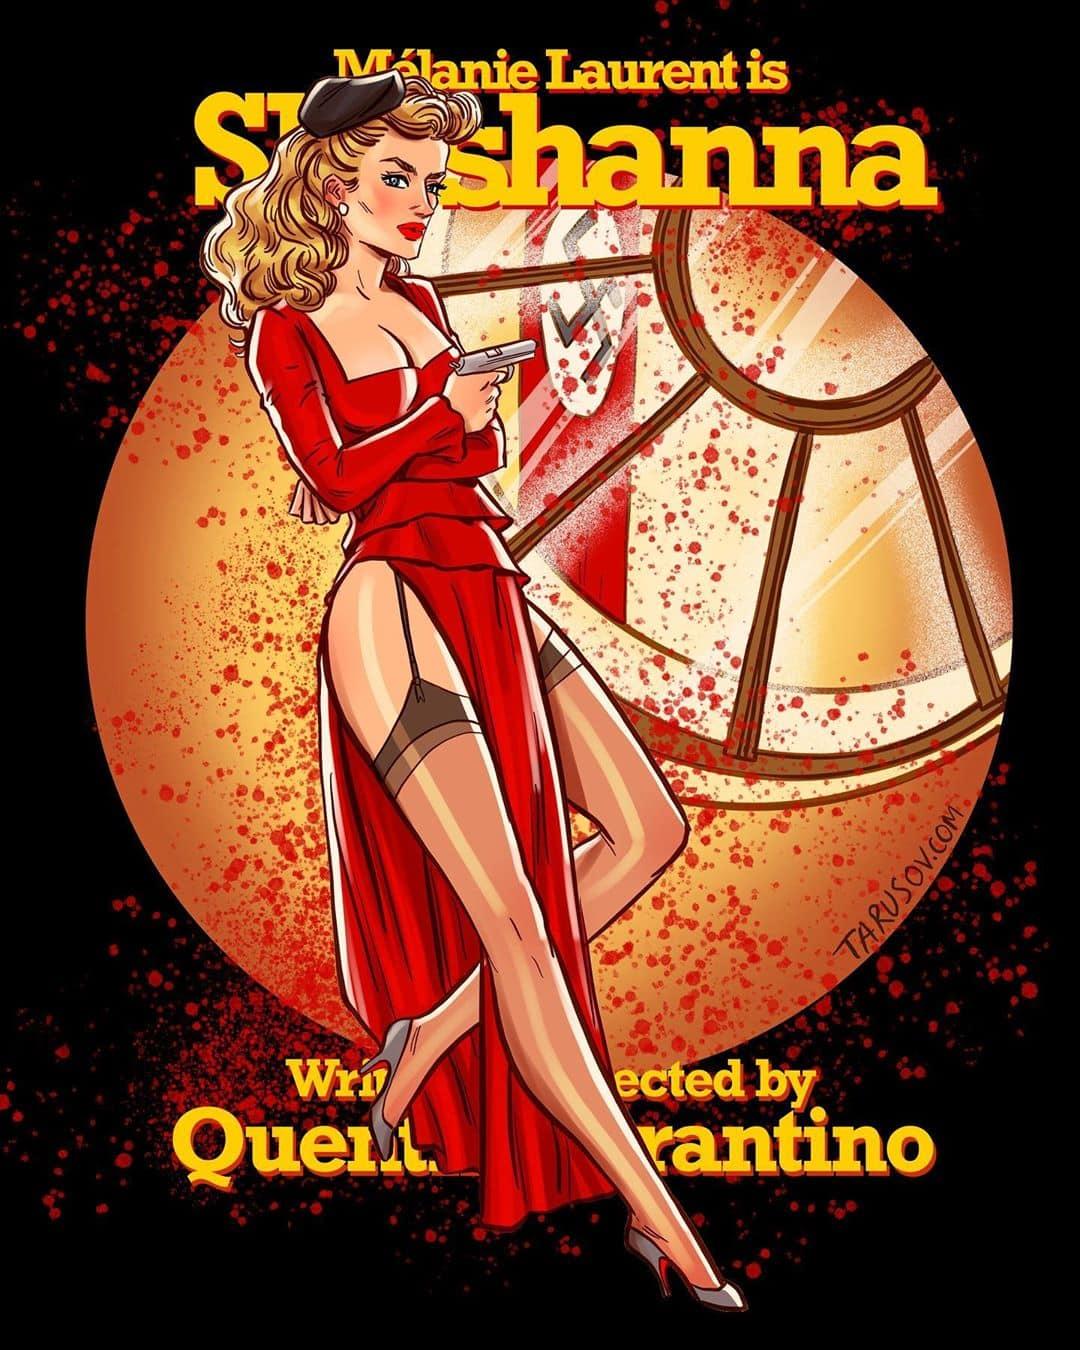 1566288658 dd77e996628b642798f4cfe33373837b - 17 героинь фильмов Тарантино, которых художник из России превратил в ярких пин-ап красоток